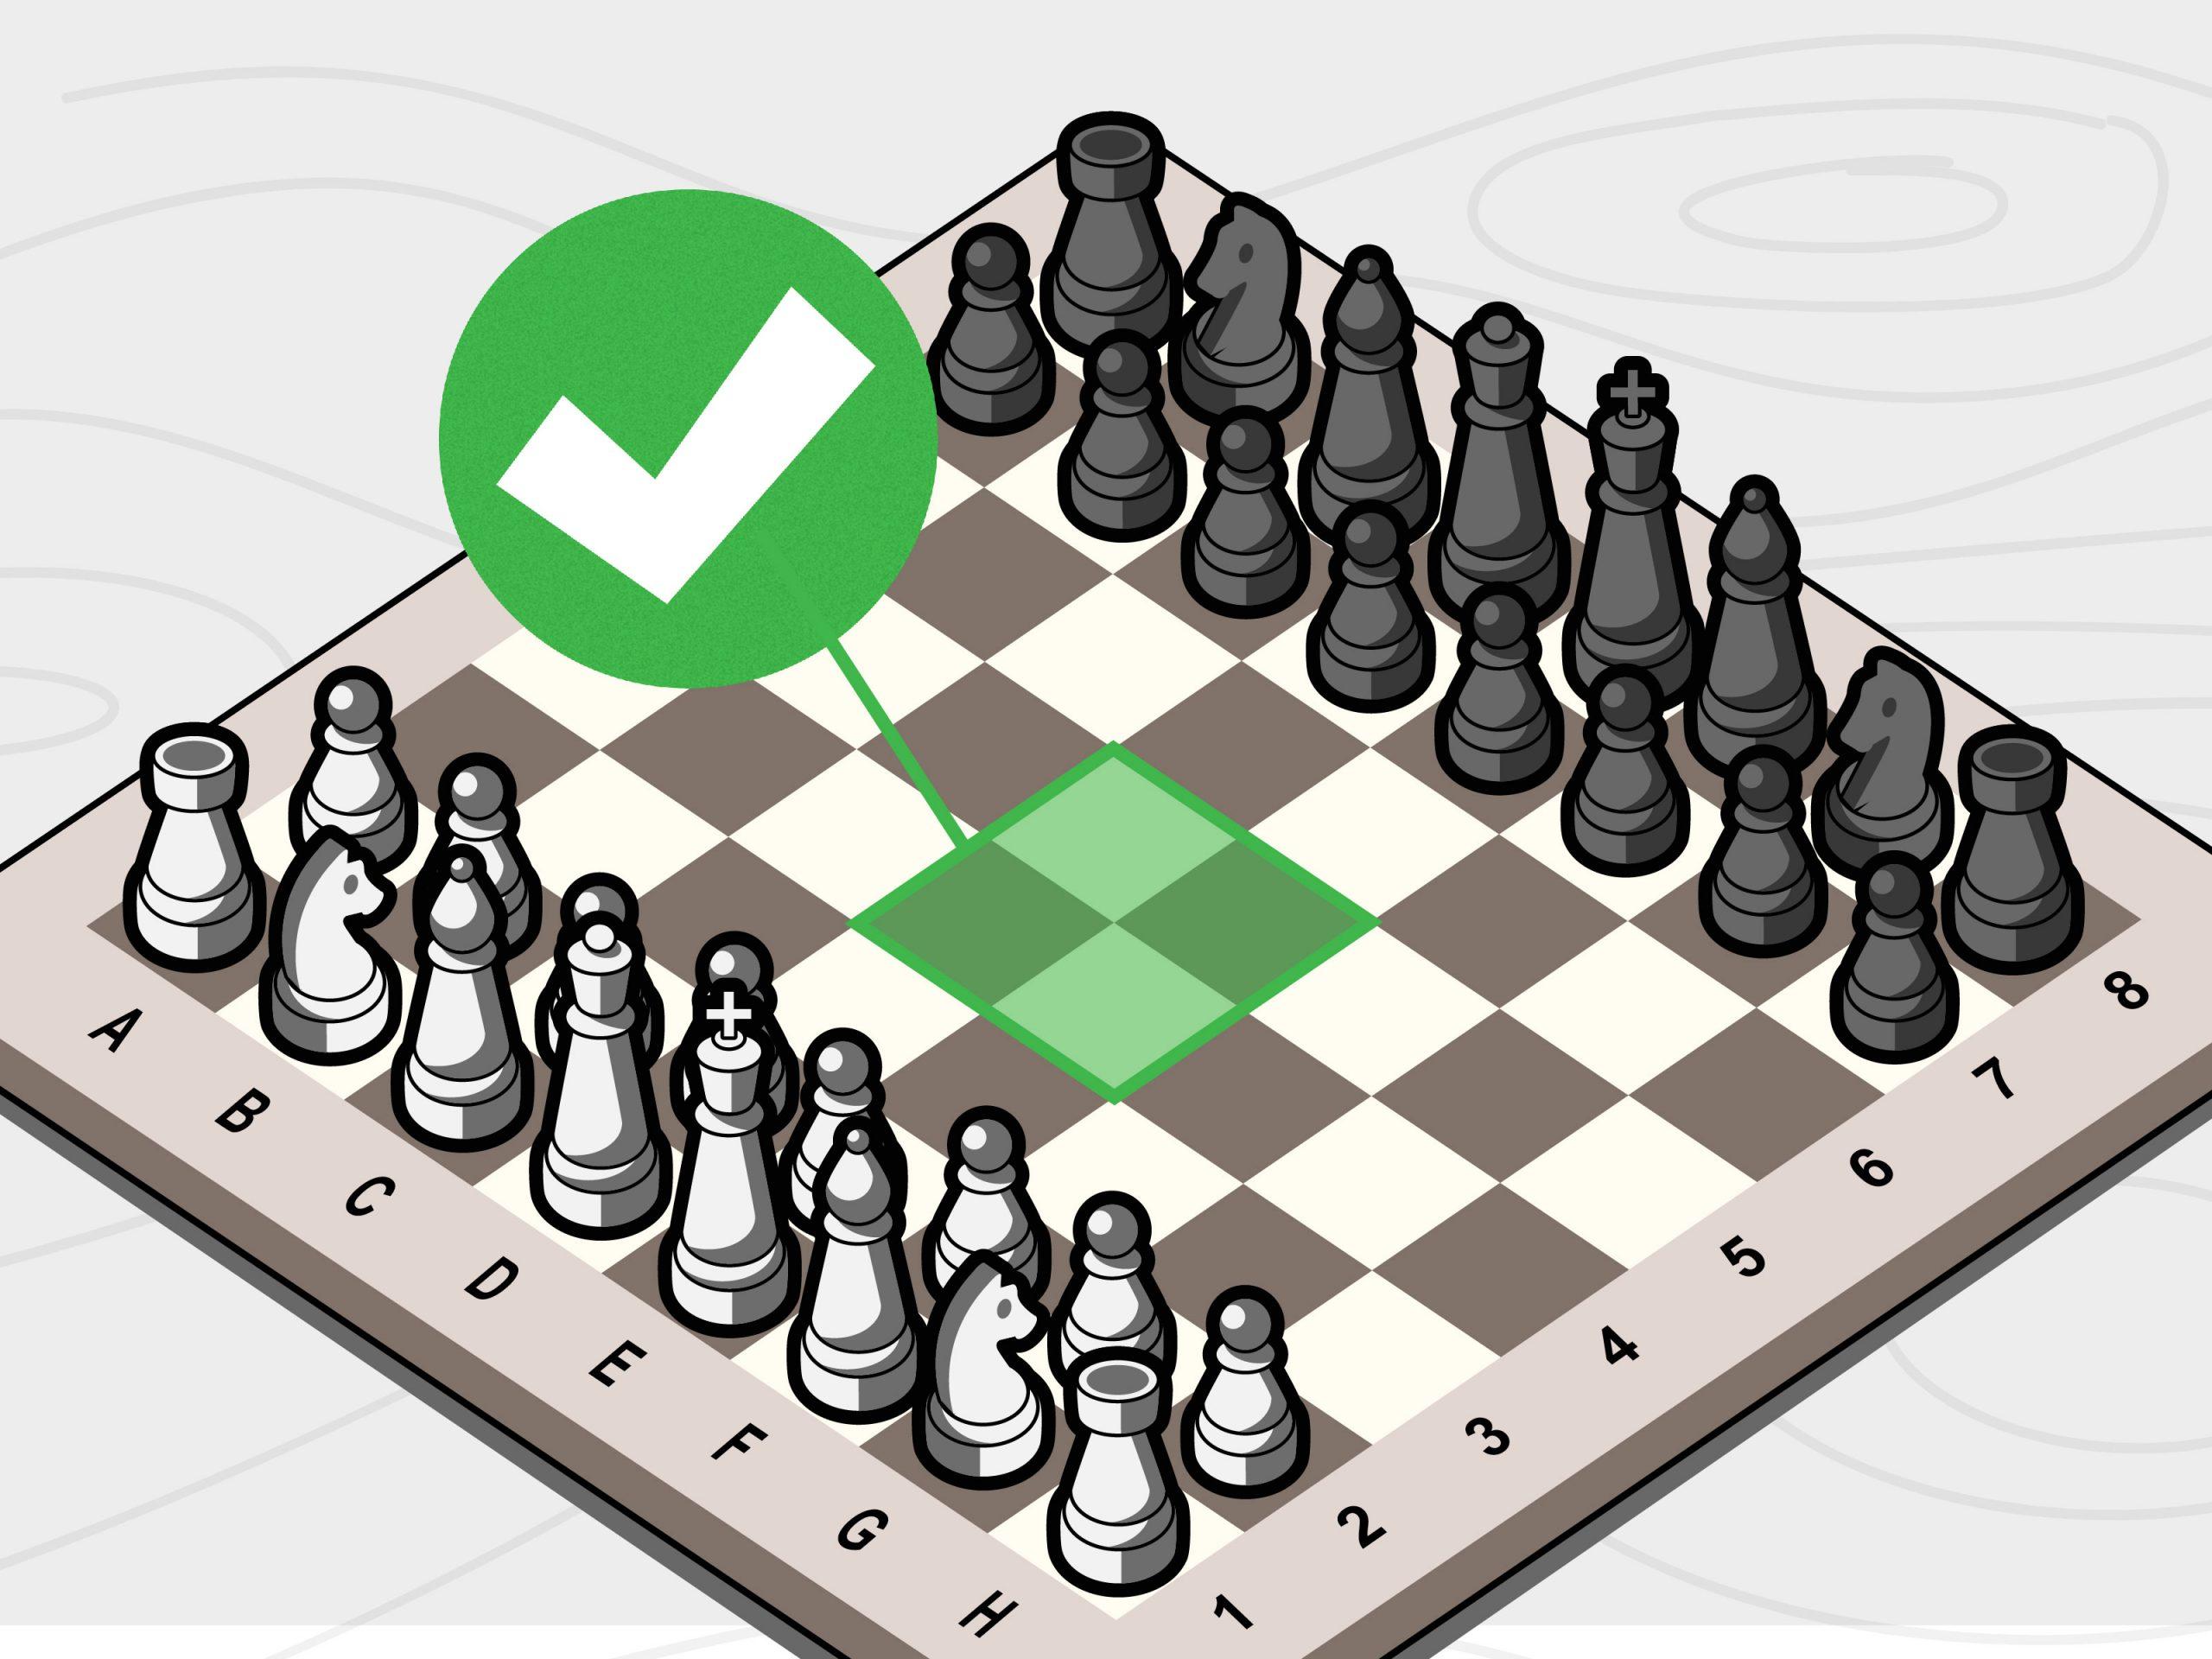 Comment Jouer Aux Échecs (Avec Images) - Wikihow à Puissance 4 En Ligne Gratuit Contre Autre Joueur